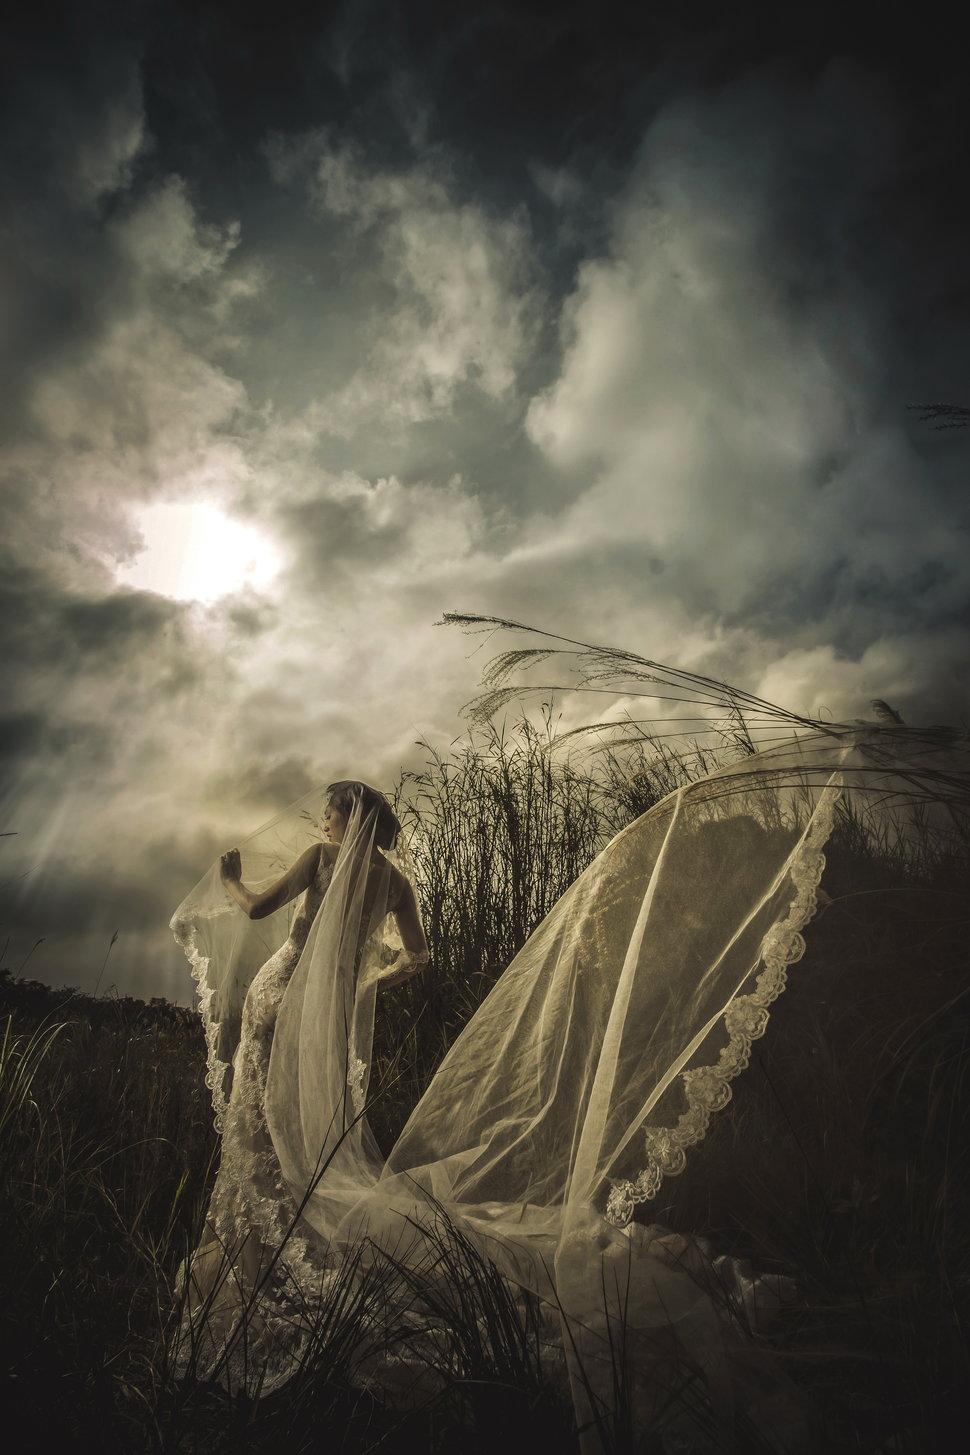 希臘婚禮 婚紗 攝影 手工婚紗禮服 超美(編號:377096) - 希臘婚禮  婚紗  攝影 - 結婚吧一站式婚禮服務平台